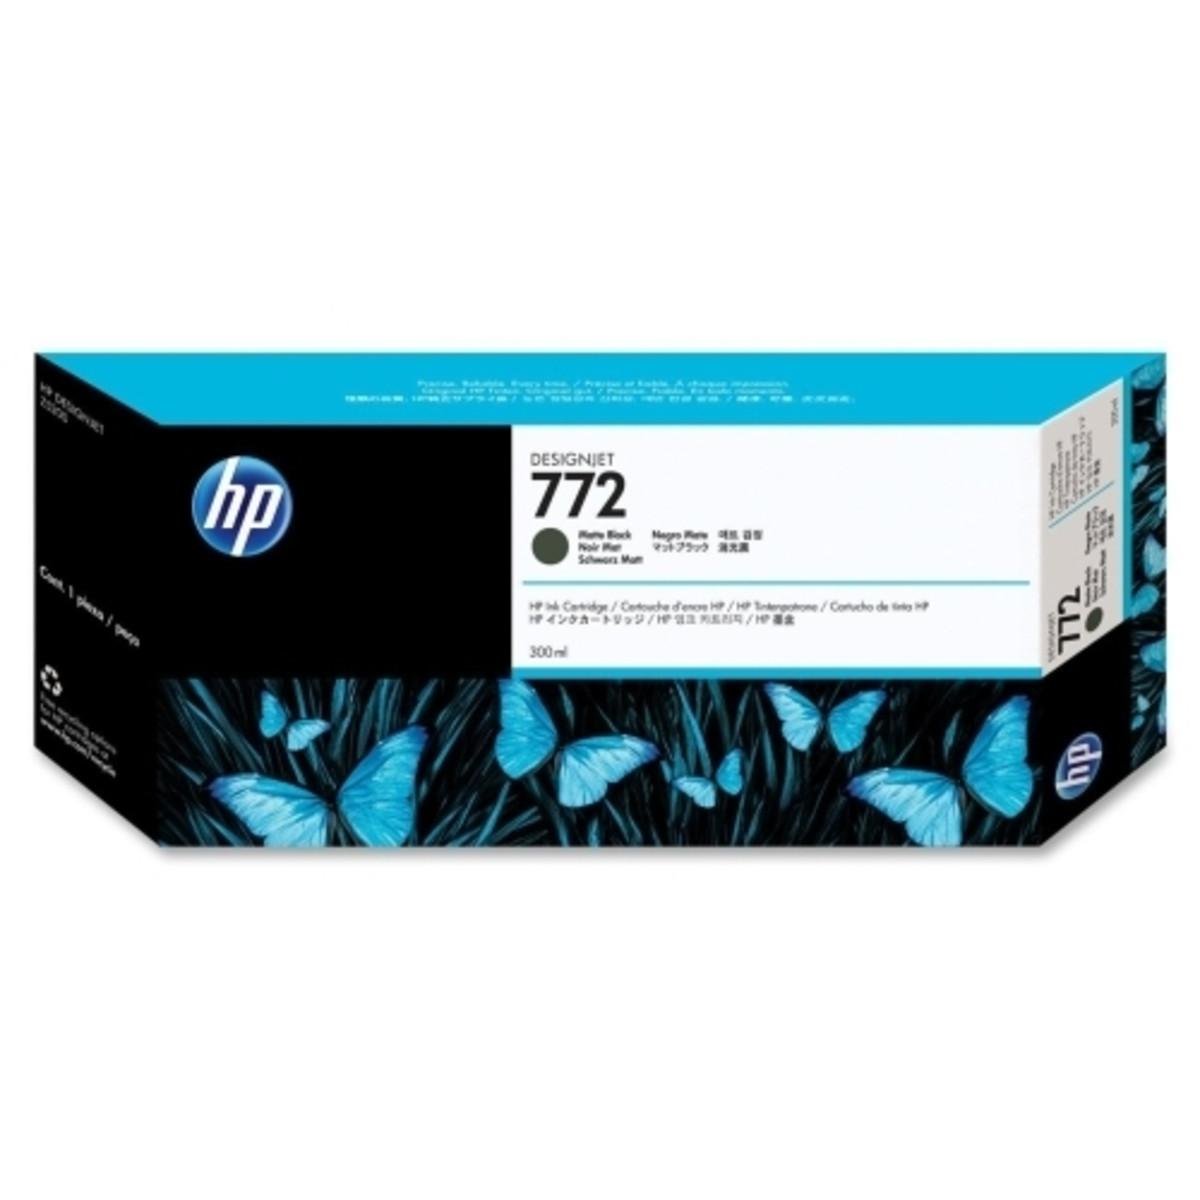 HP 772 (CN635A) Matte Black Ink Cartridge